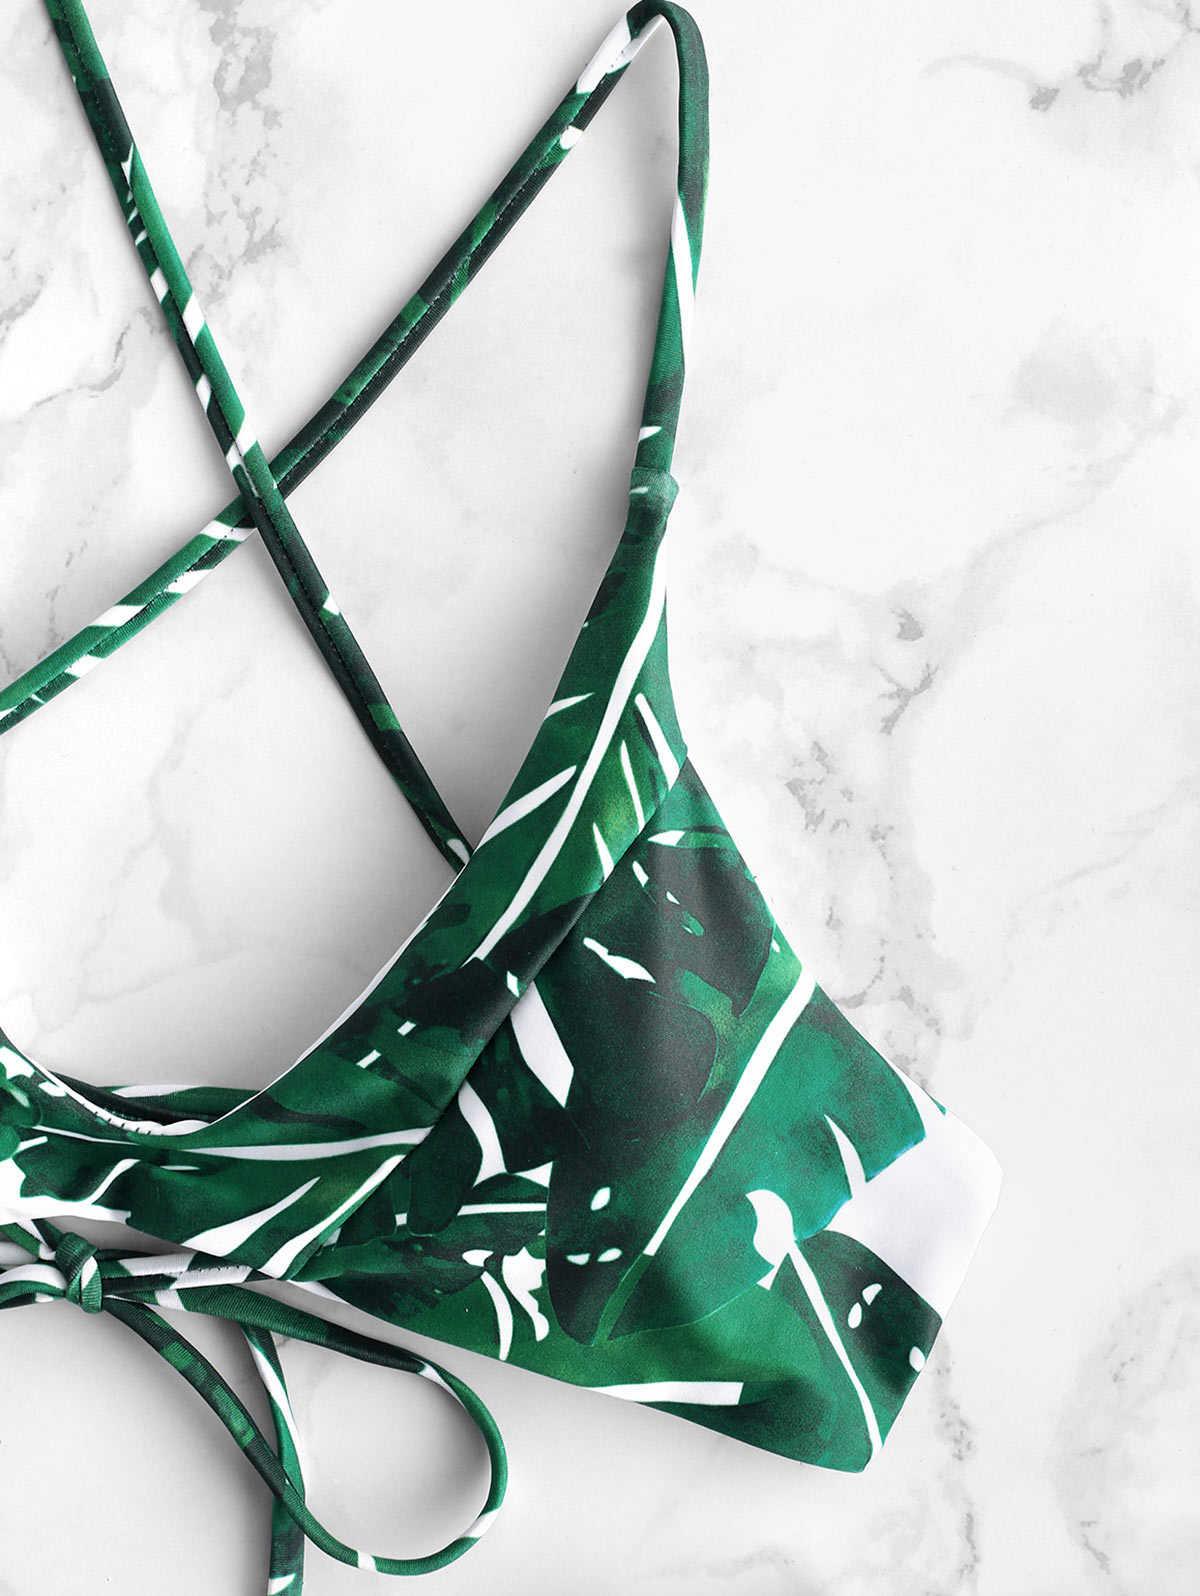 ZAFUL liści palmowych krzyżowe wysoki wzrost Bikini Set Lace-Up Triangle Bikini z Pad lato kobiety Swimsuit Biqinis kostiumy kąpielowe